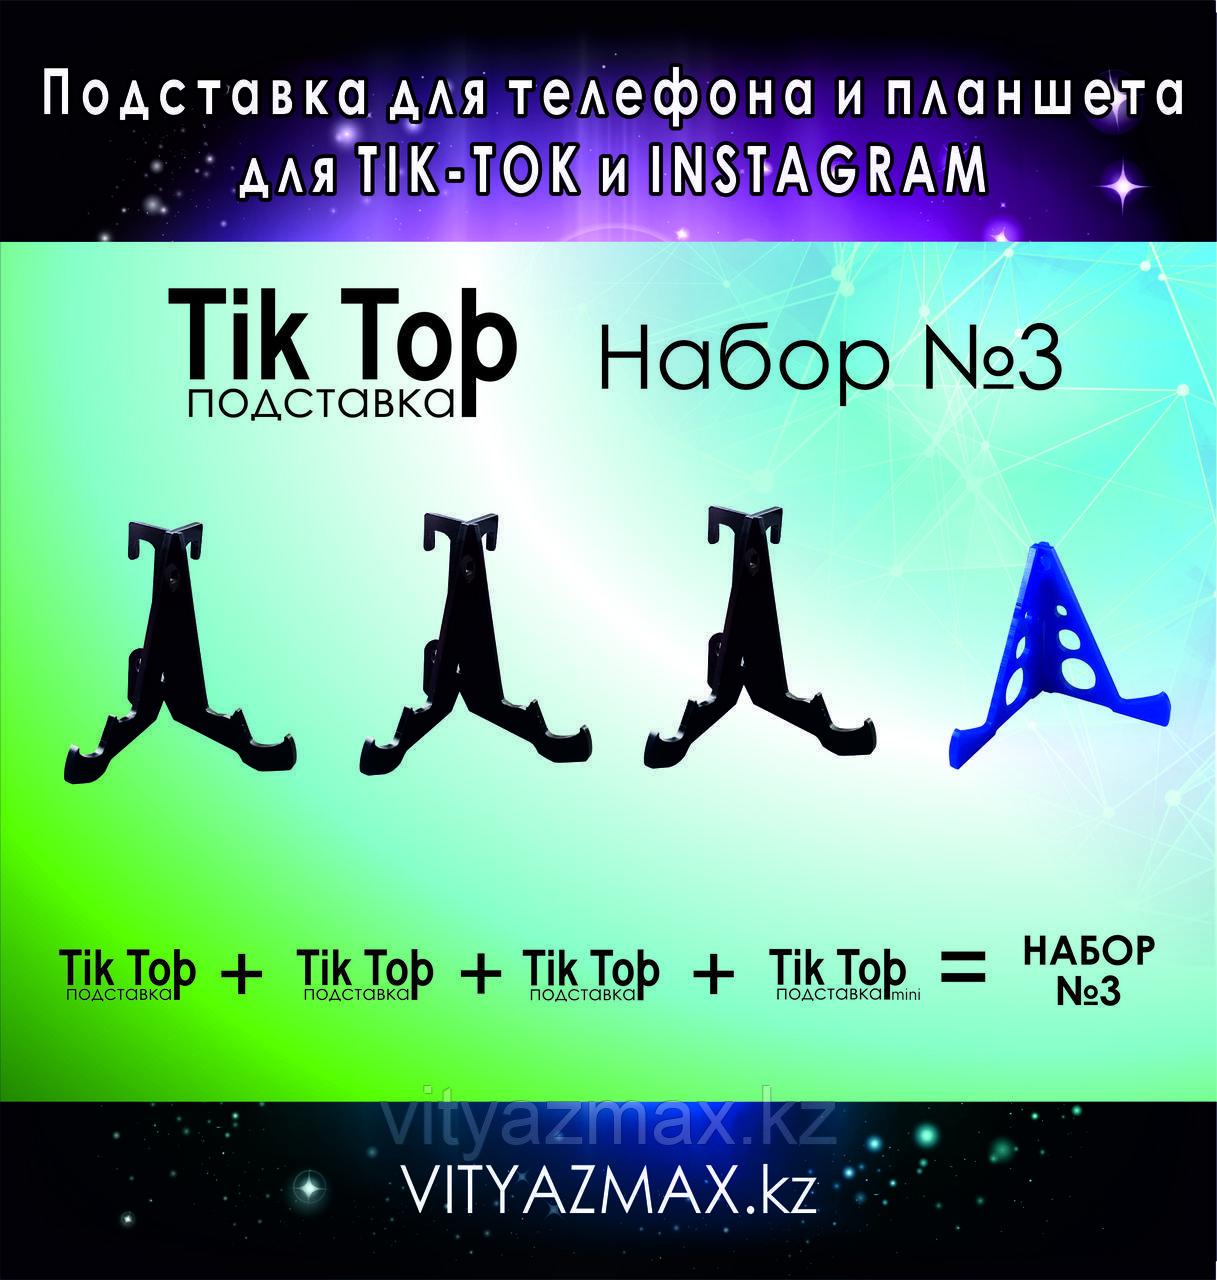 """""""Tik Top"""" Подставка для телефона и планшета 7 функций, набор №3"""